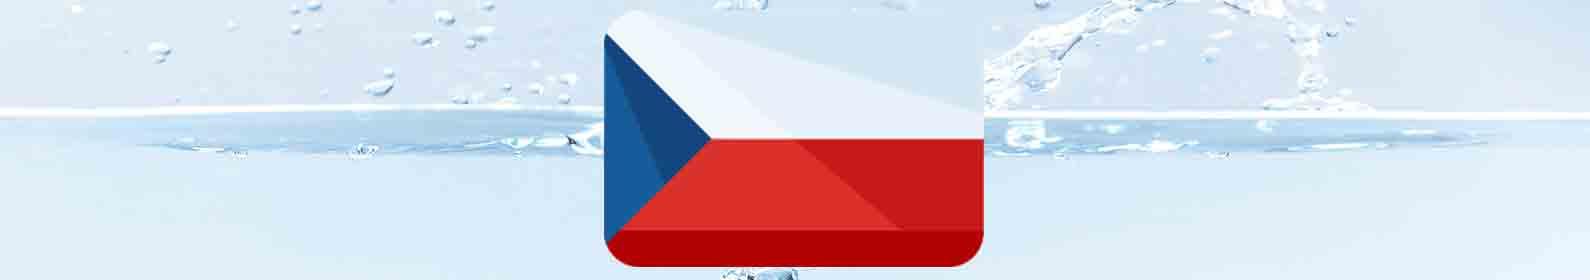 water-treatment-czech-republic.jpg